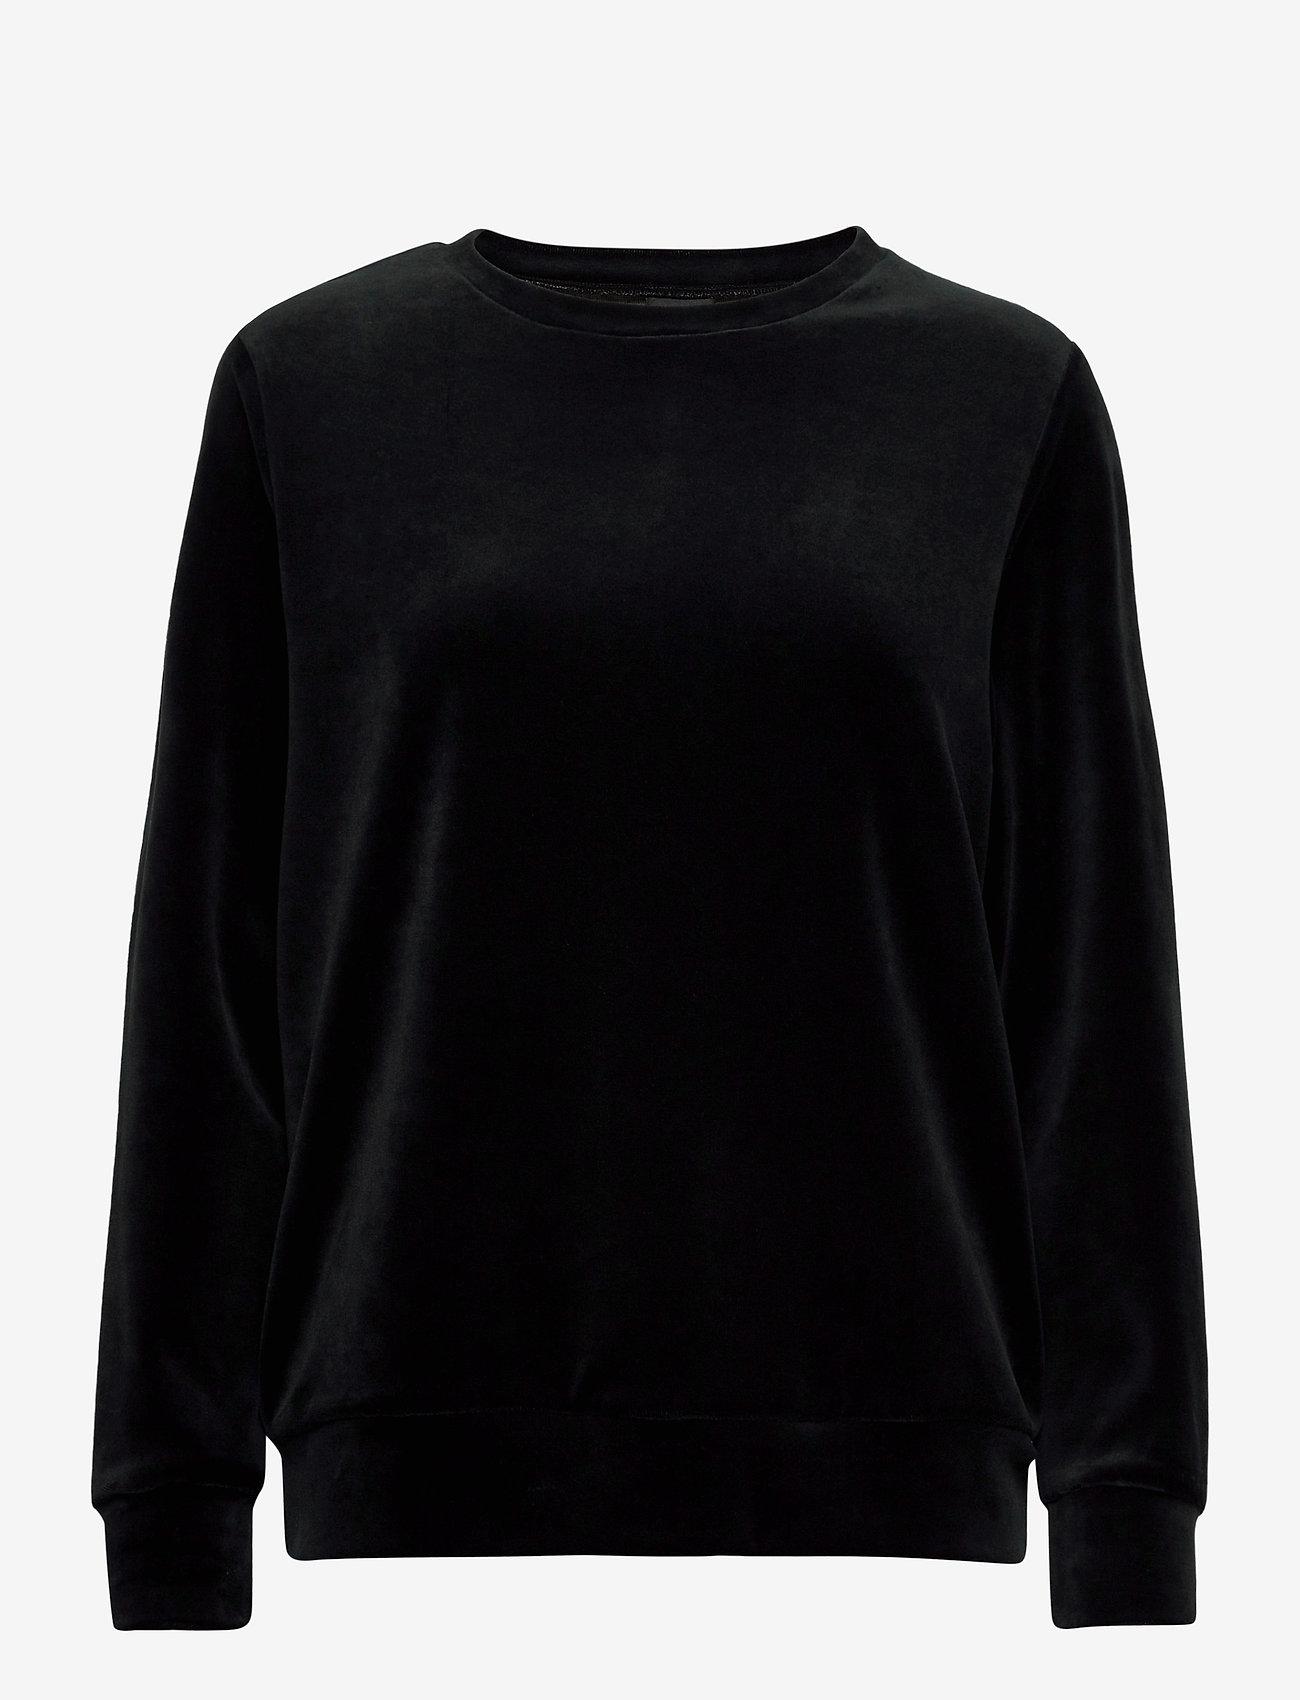 Nanso - Ladies shirt, Vivia - overdeler - black - 0